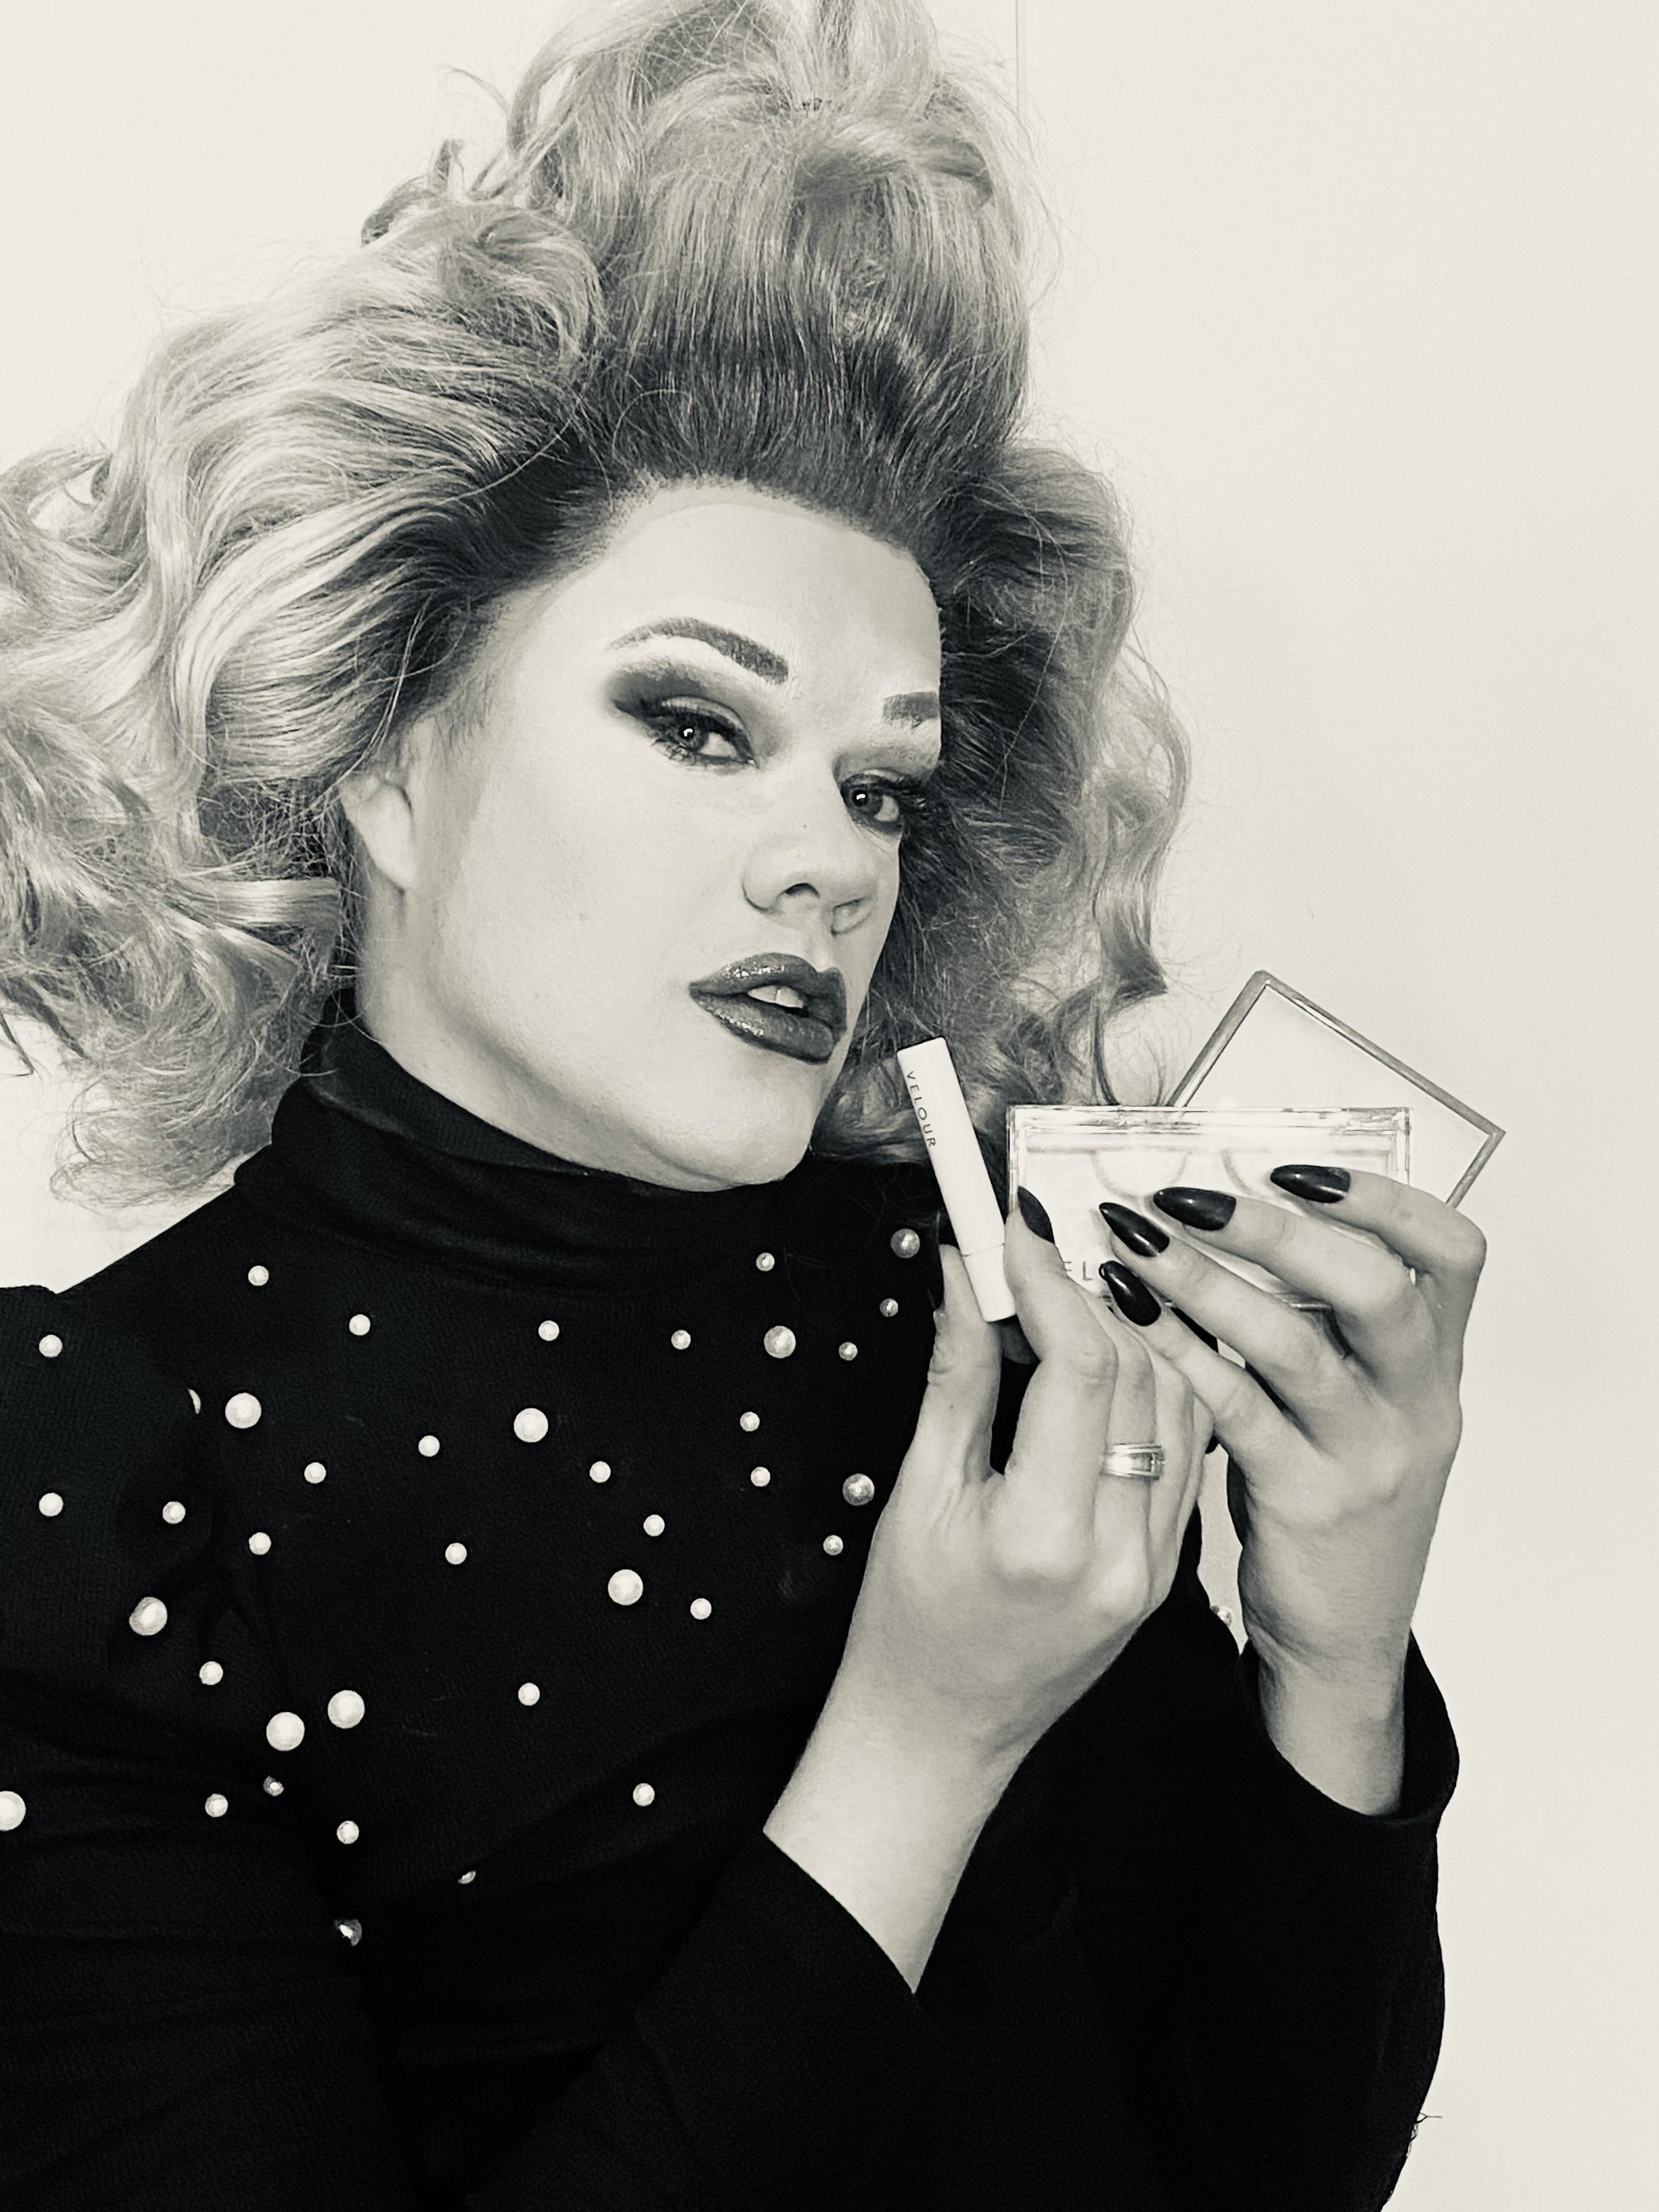 Jordi-Deelight-applies-makeup